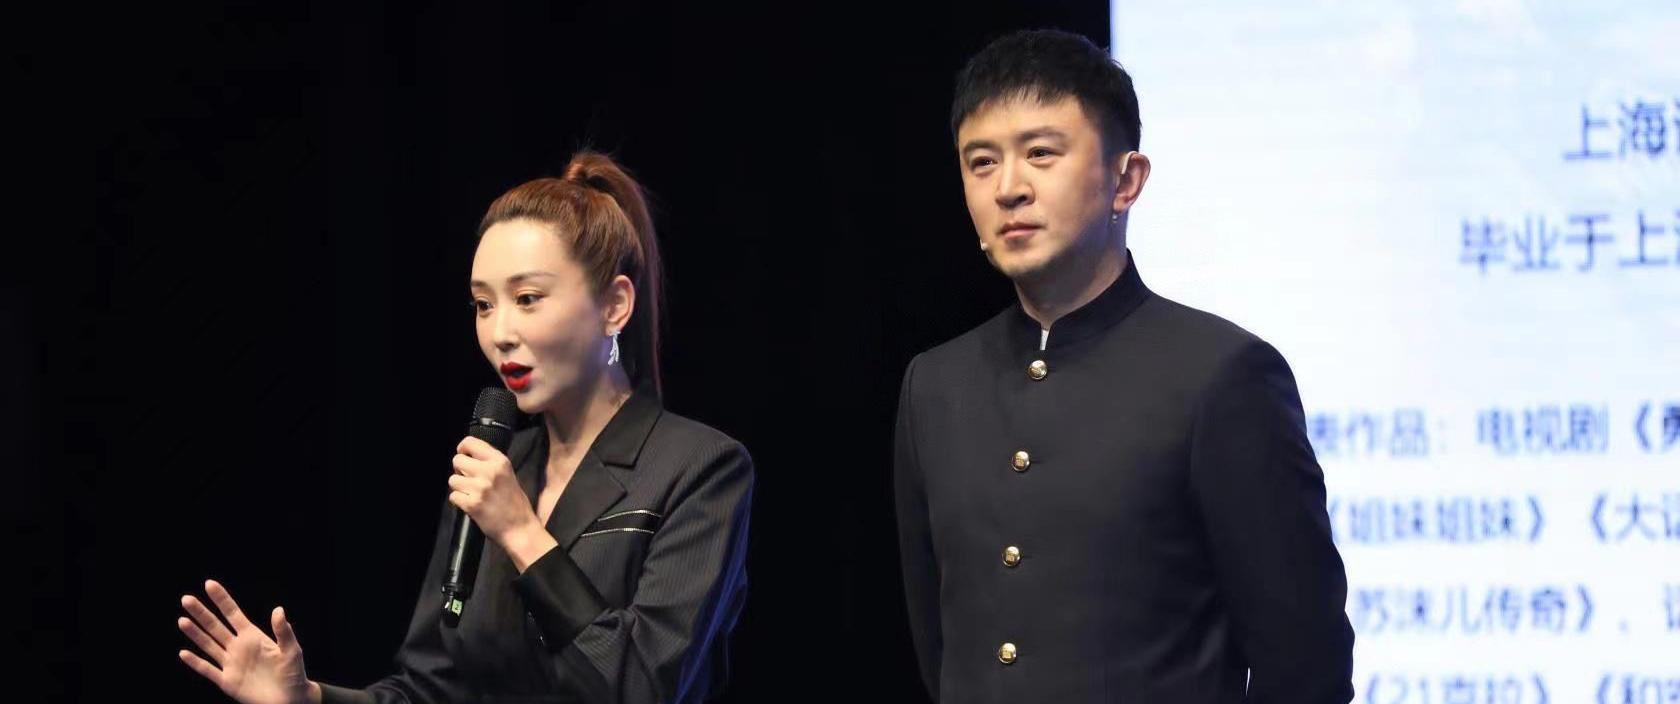 杜若溪乔振宇主演话剧《人世间》开票